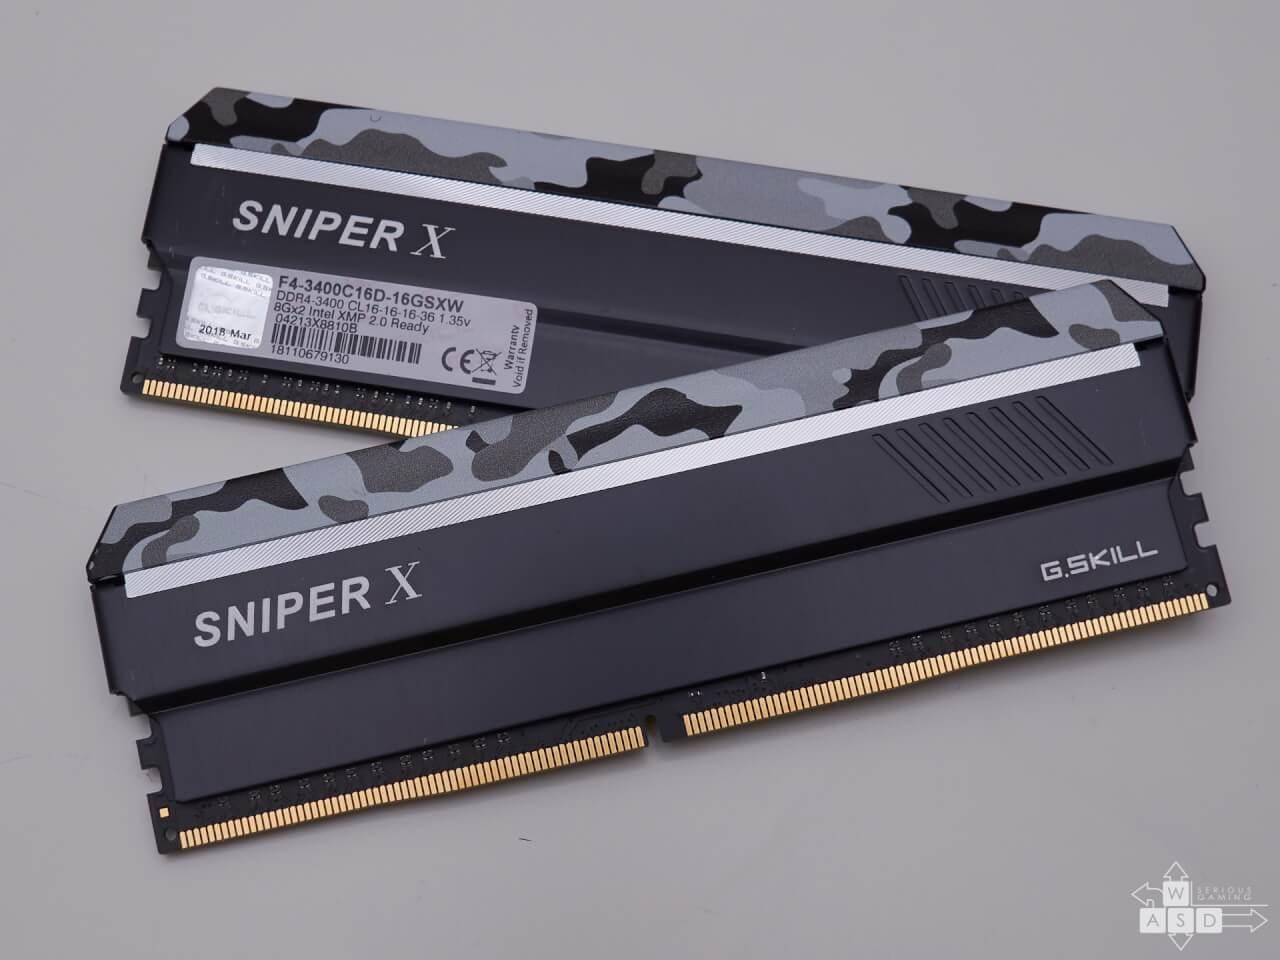 SniperX 3400 MHz